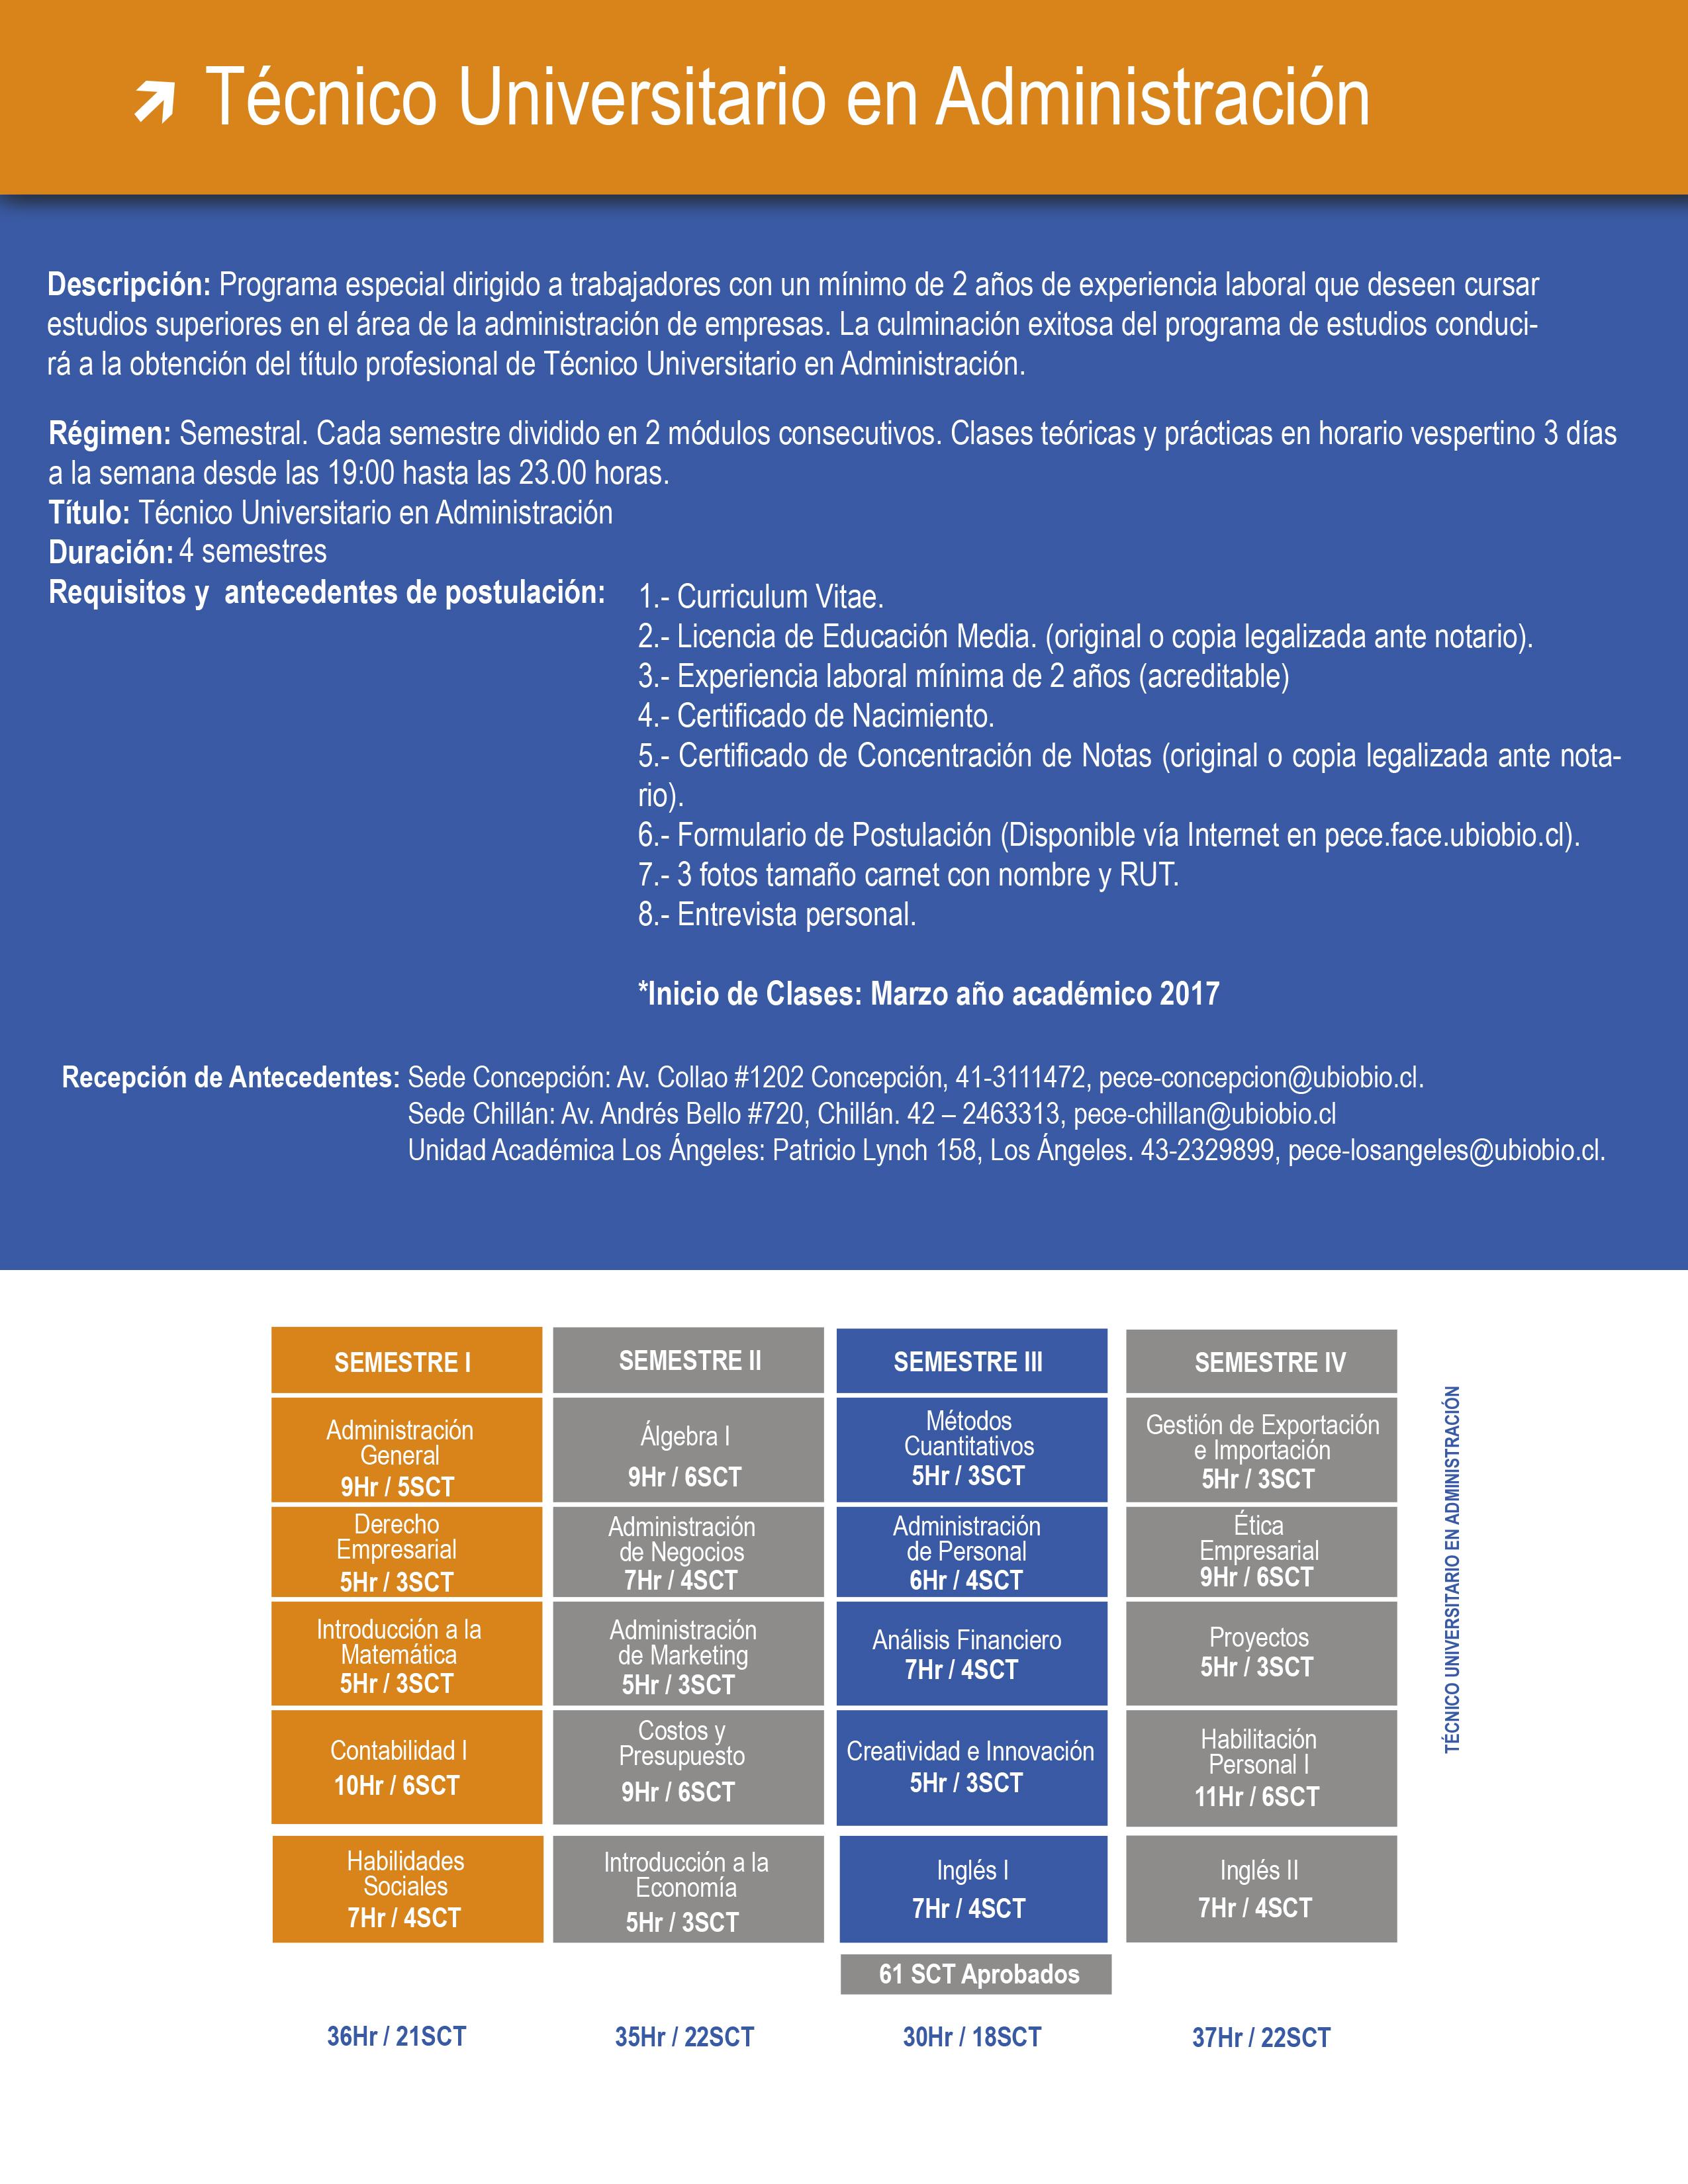 Técnico Universitario en Administración - UBB